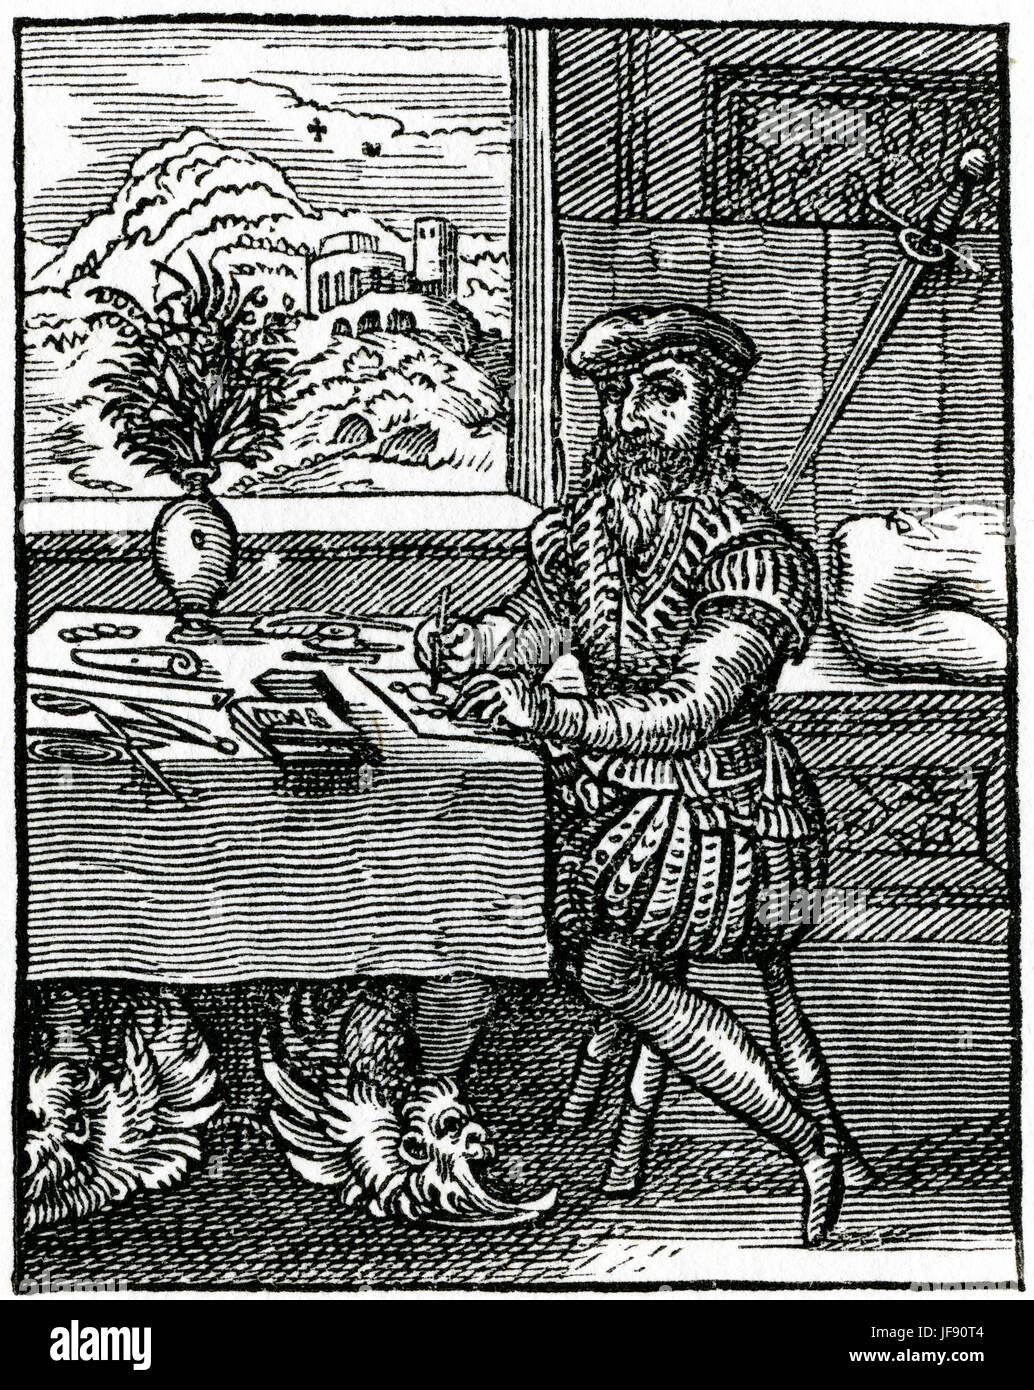 Der Reisser Le Dessinateur Panoplia Omnium Illiberalium